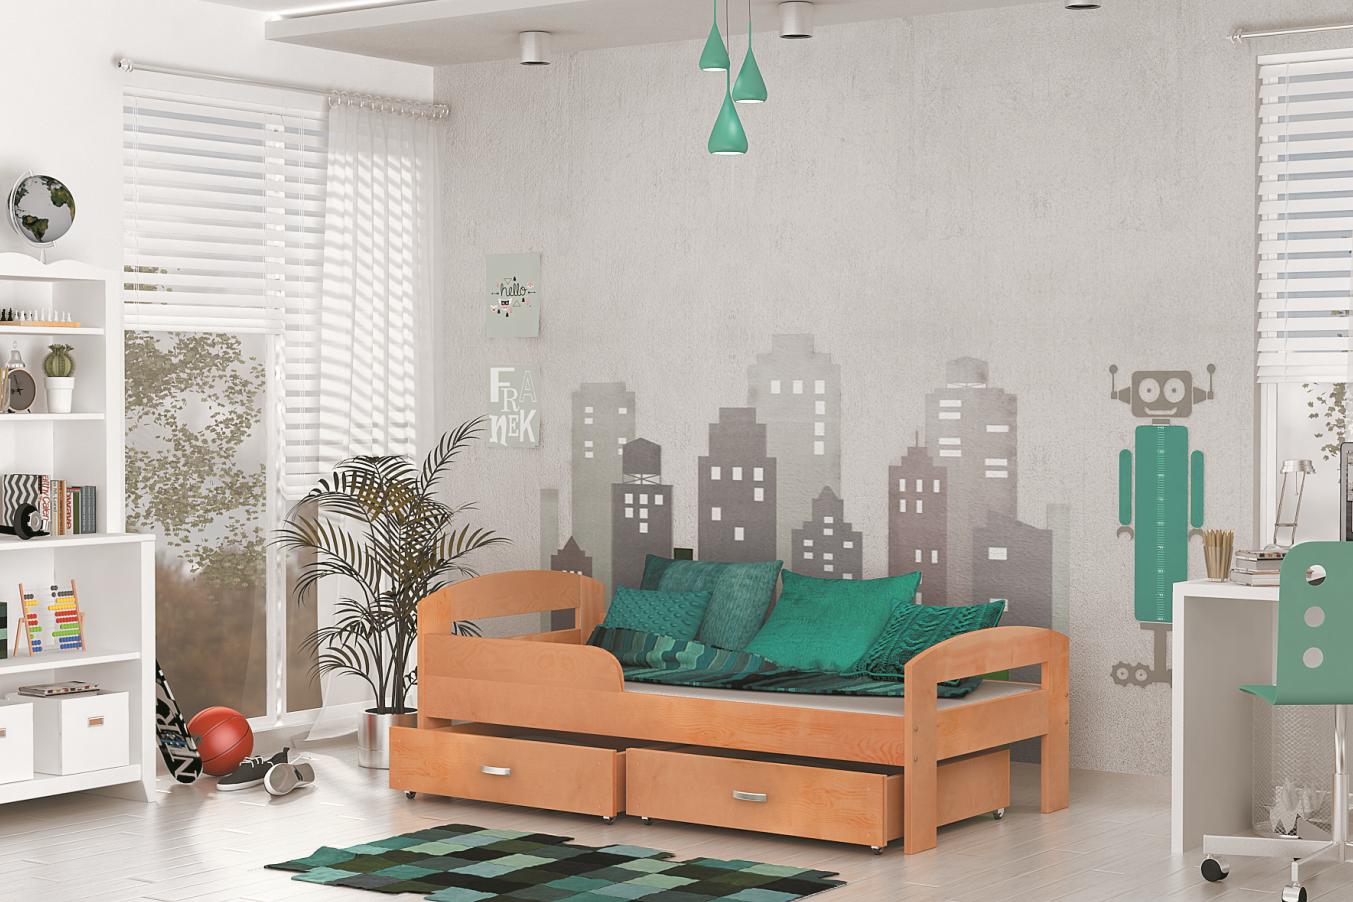 ArtAJ Detská posteľ GRZES 160x80 farebné prevedenie: jelša bez matraca